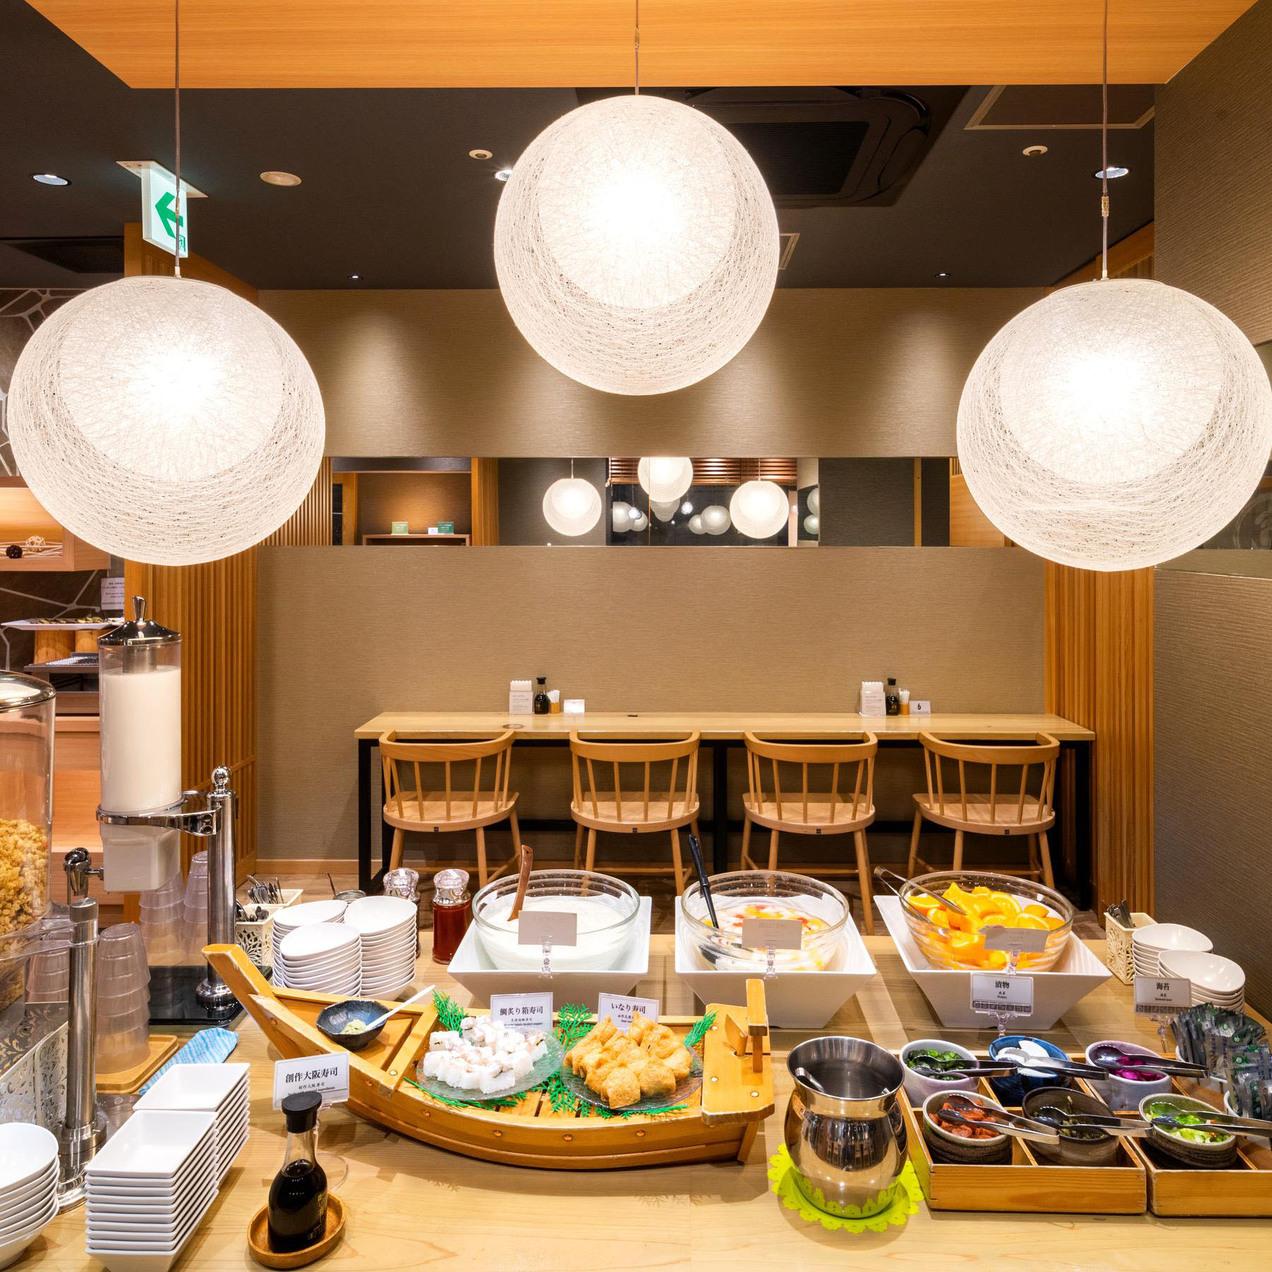 レストラン内【朝食】和洋合わせて40品目を楽しんでいただけます♪